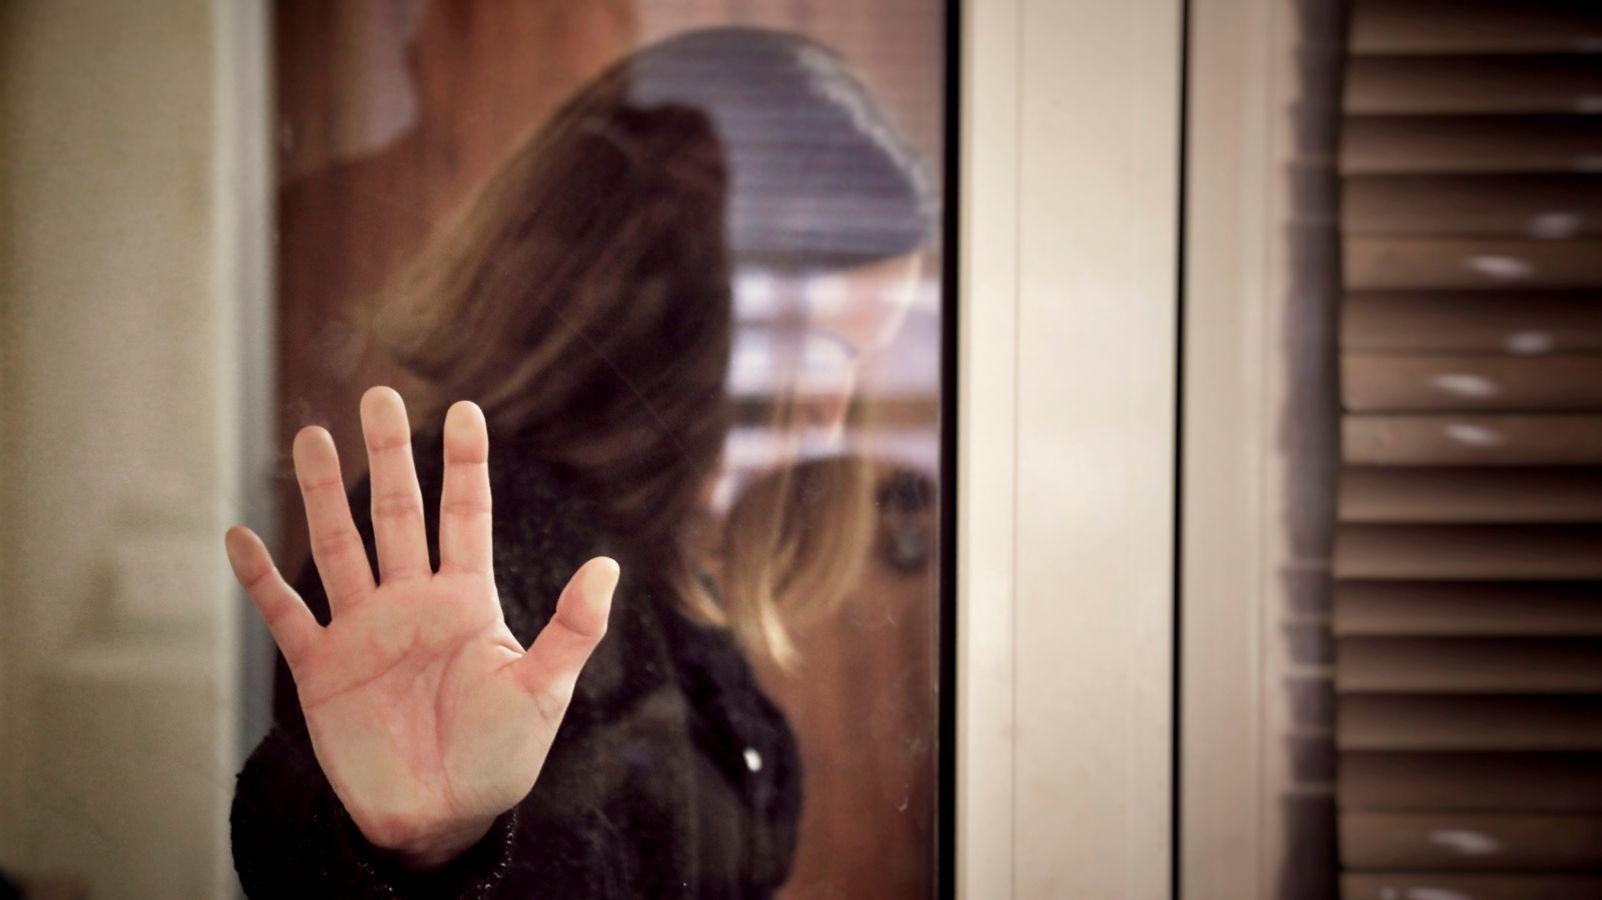 Inzest-Schock in Frankreich: Sexuelle Gewalt in eigener